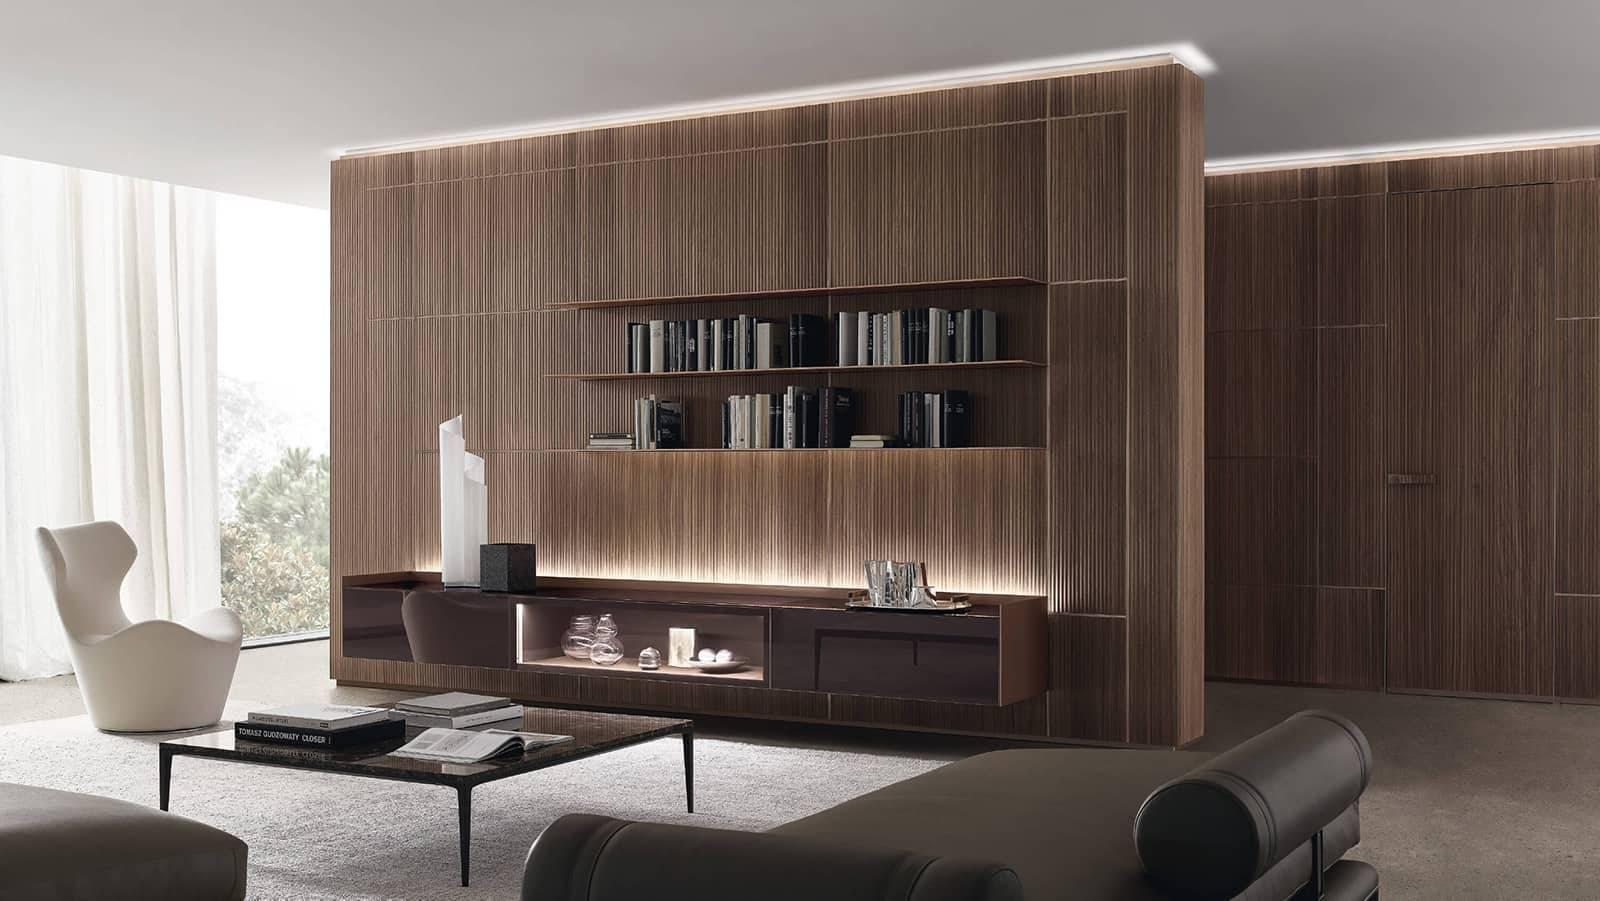 luxe houten interieurpanelen met zwevende geïntegreerd dressoir in glas rimadesio dealer noctum